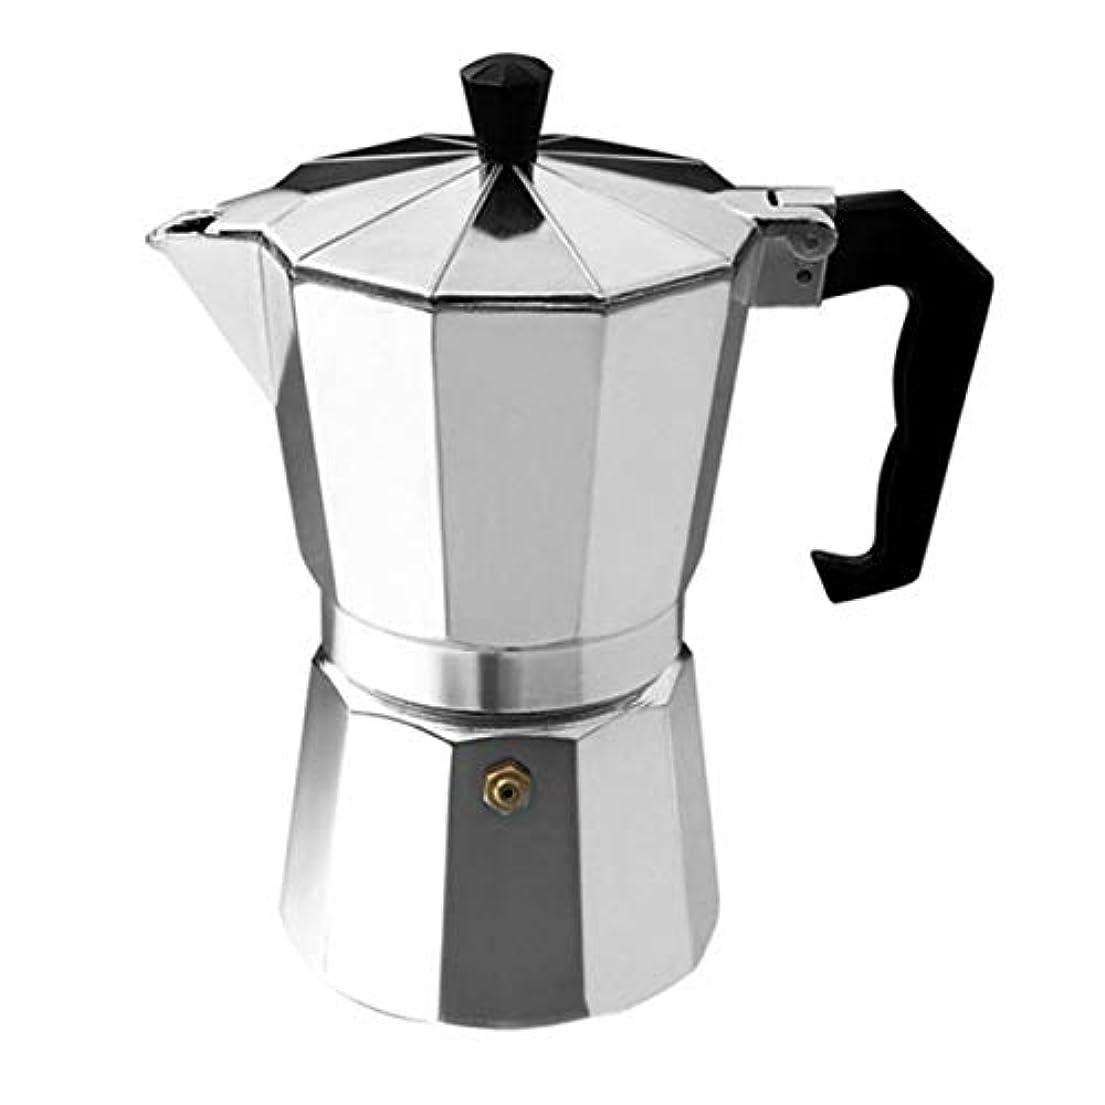 Saikogoods アルミ8アングル真岡ポットエスプレッソストーブトップのコーヒーメーカーモカエスプレッソカップコンチネンタル真岡パーコレーターポット3cup / 6cup 銀色の 6カップ